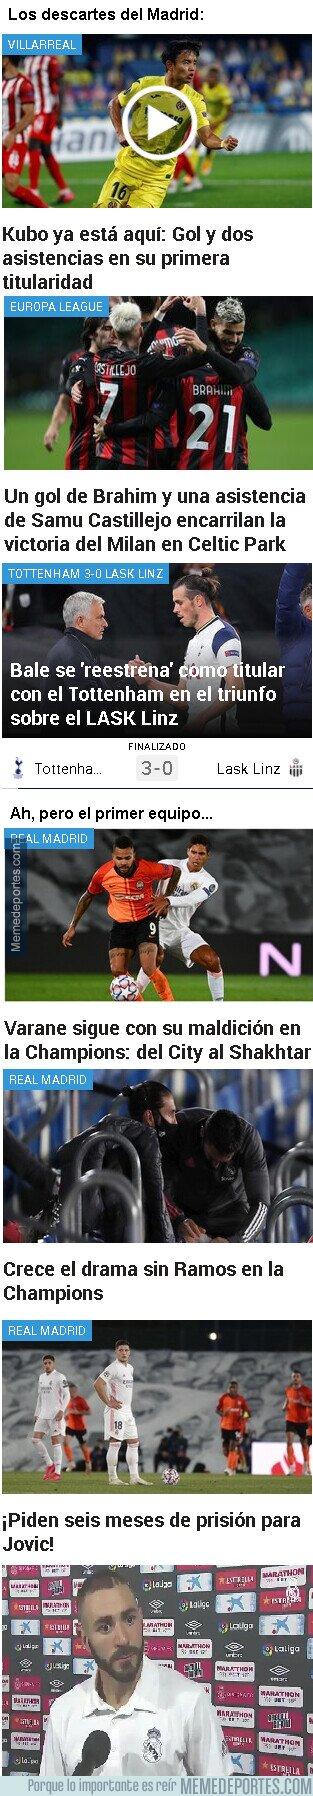 1118641 - Mientras tanto en el Real Madrid